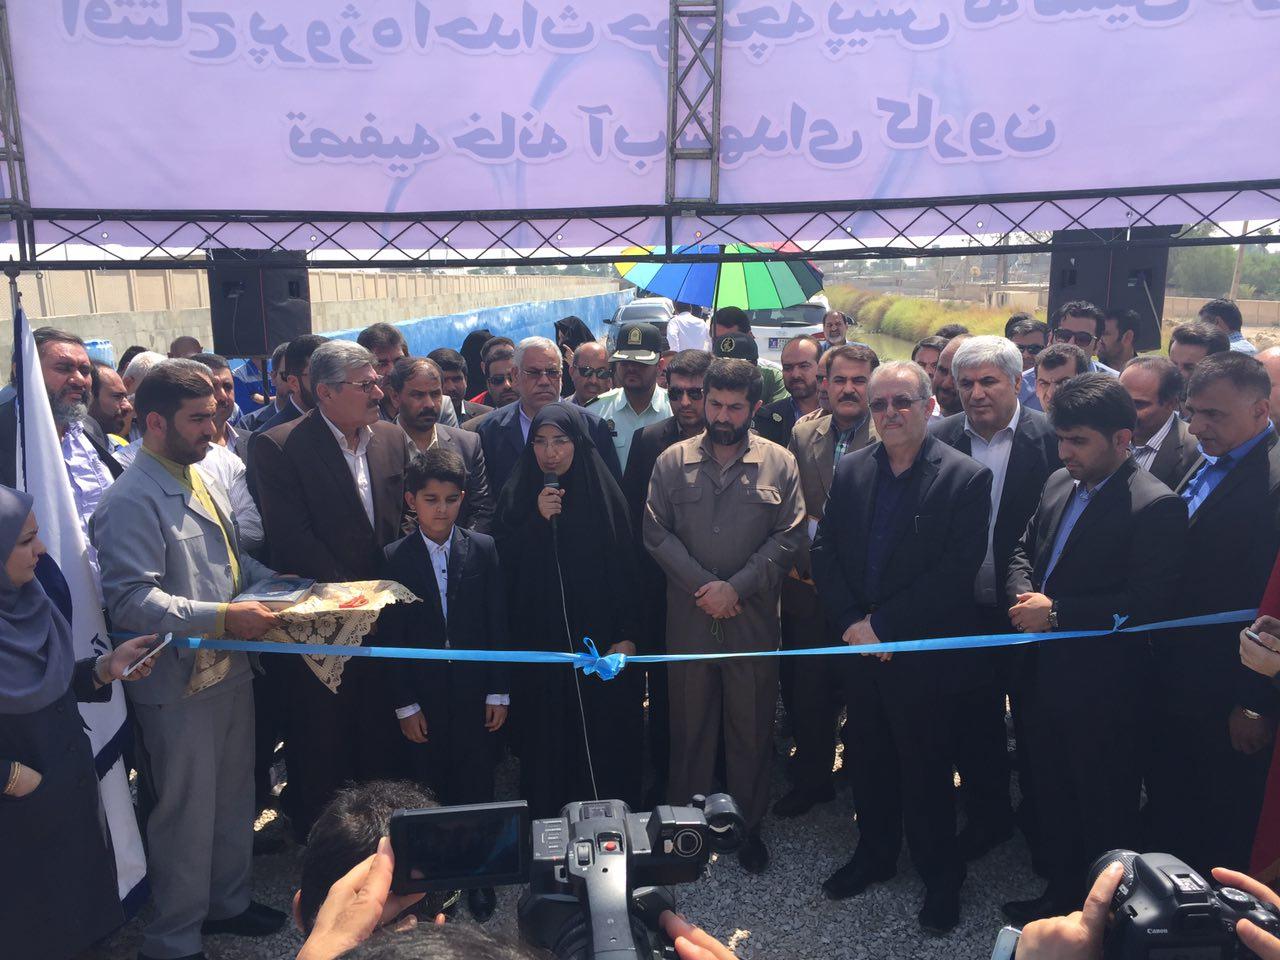 گزارش تصویری /ترانه نیوز/حضور دکتر شریعتی استاندار خوزستان و مهندس فردوس کریمی مدیرعامل آبفا اهواز در مراسم افتتاح طرح های شرکت آبفا اهواز